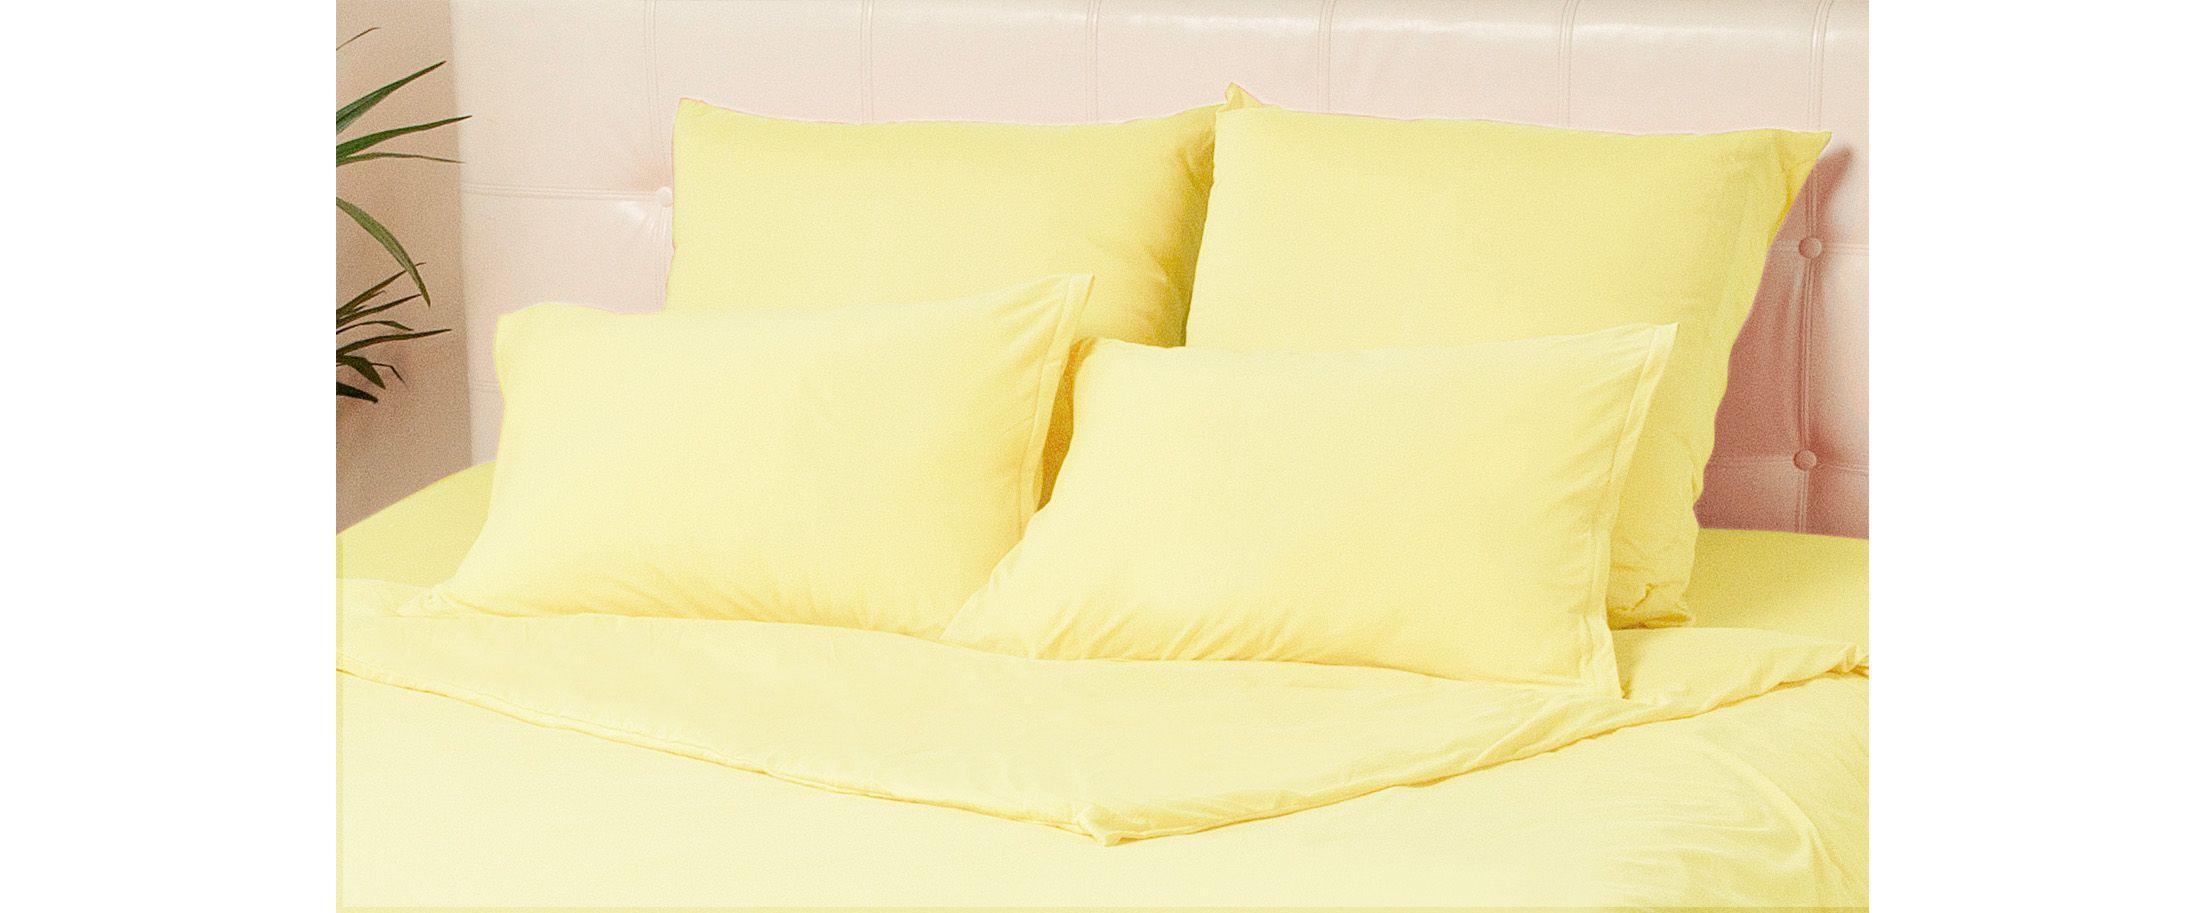 Комплект наволочек на молнии 50х70 желтого цвета Violett Модель 4002 от MOON TRADE